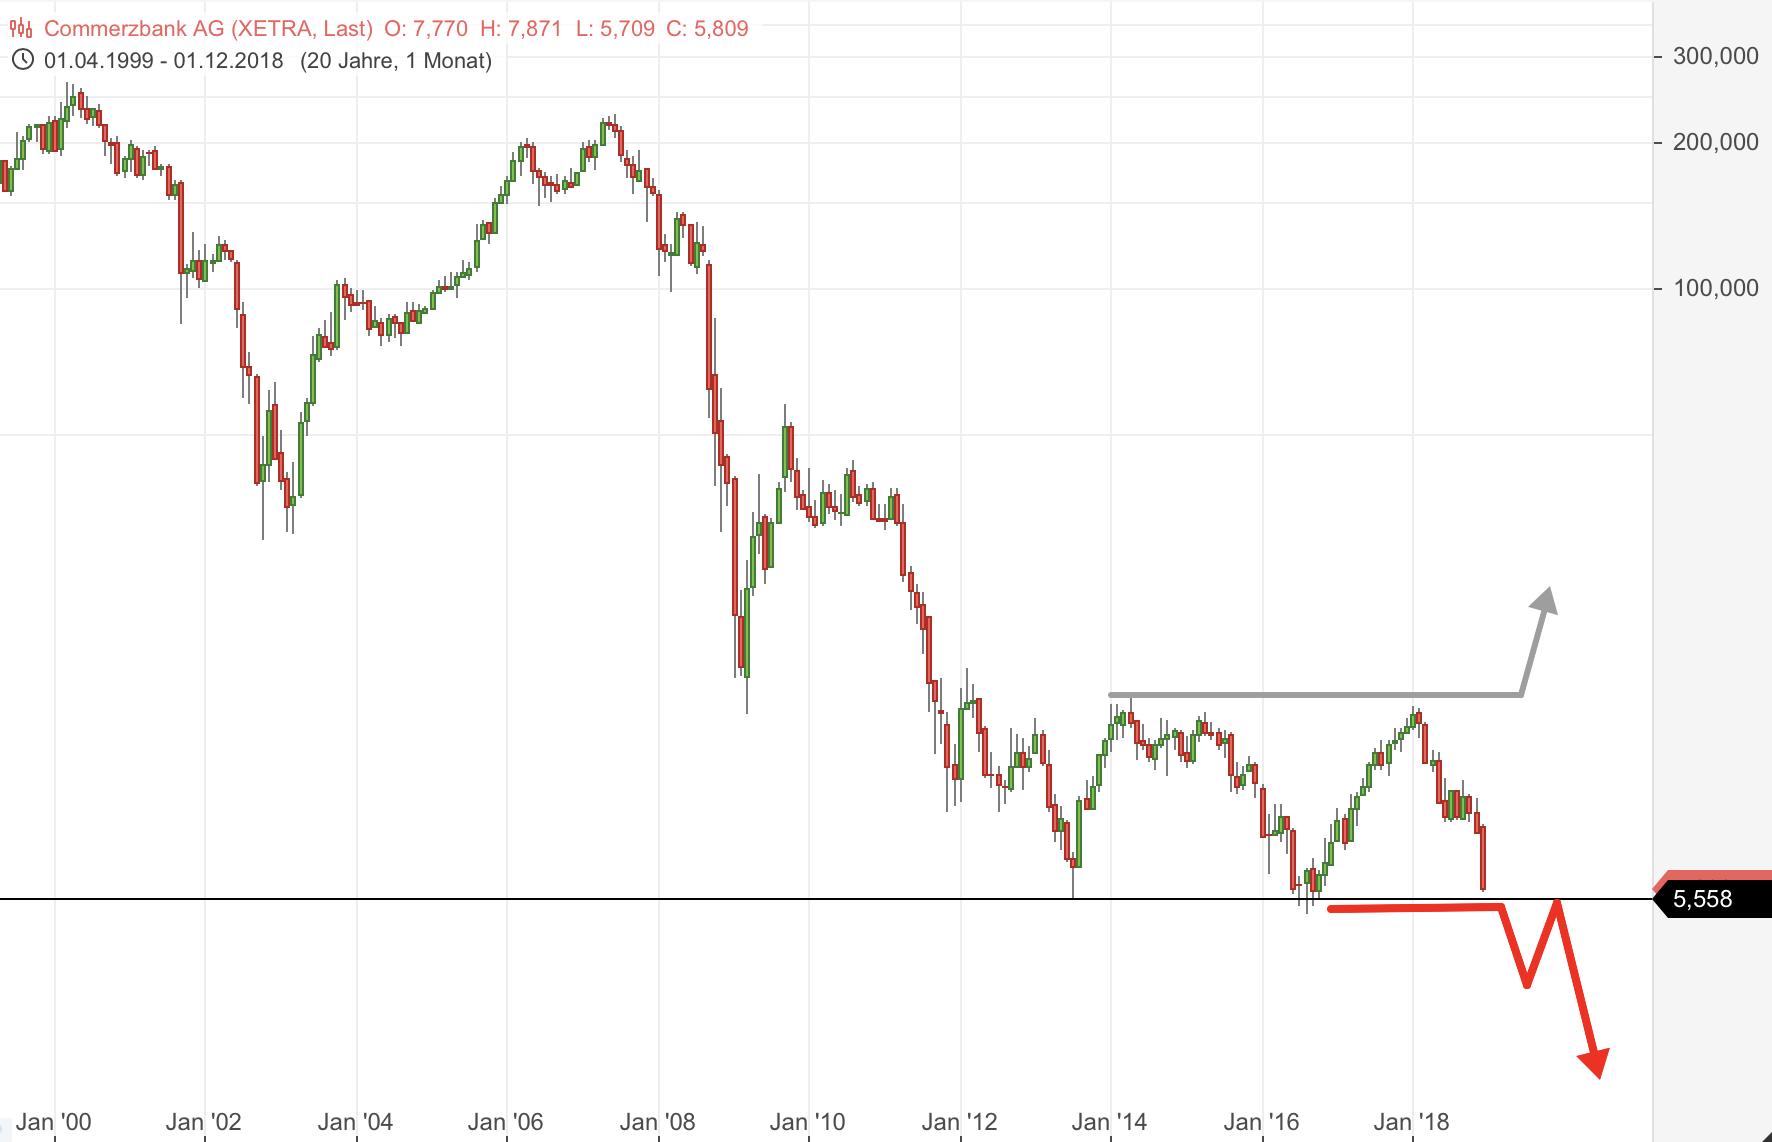 DEUTSCHE-BANK-Unter-8-83-Euro-startete-weitere-Halbierung-Chartanalyse-Rocco-Gräfe-GodmodeTrader.de-2